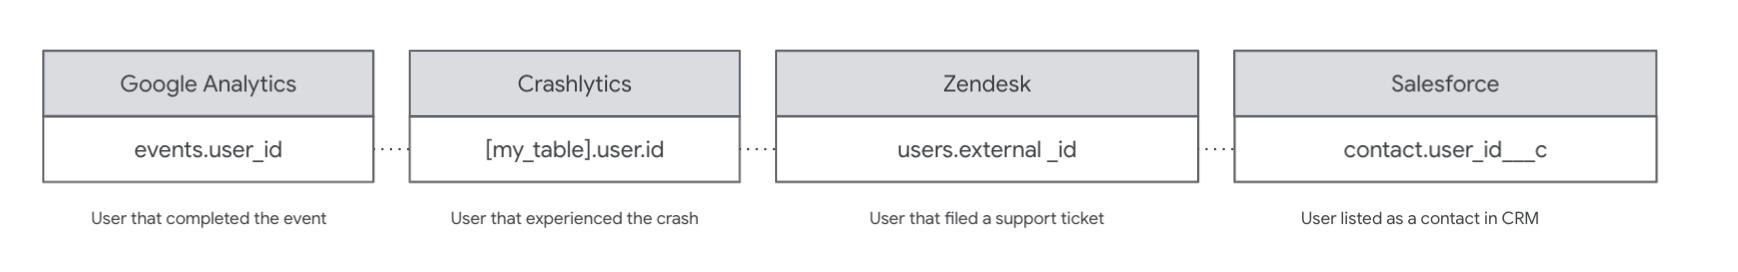 ユーザー ID をデータソース間でマッピングする